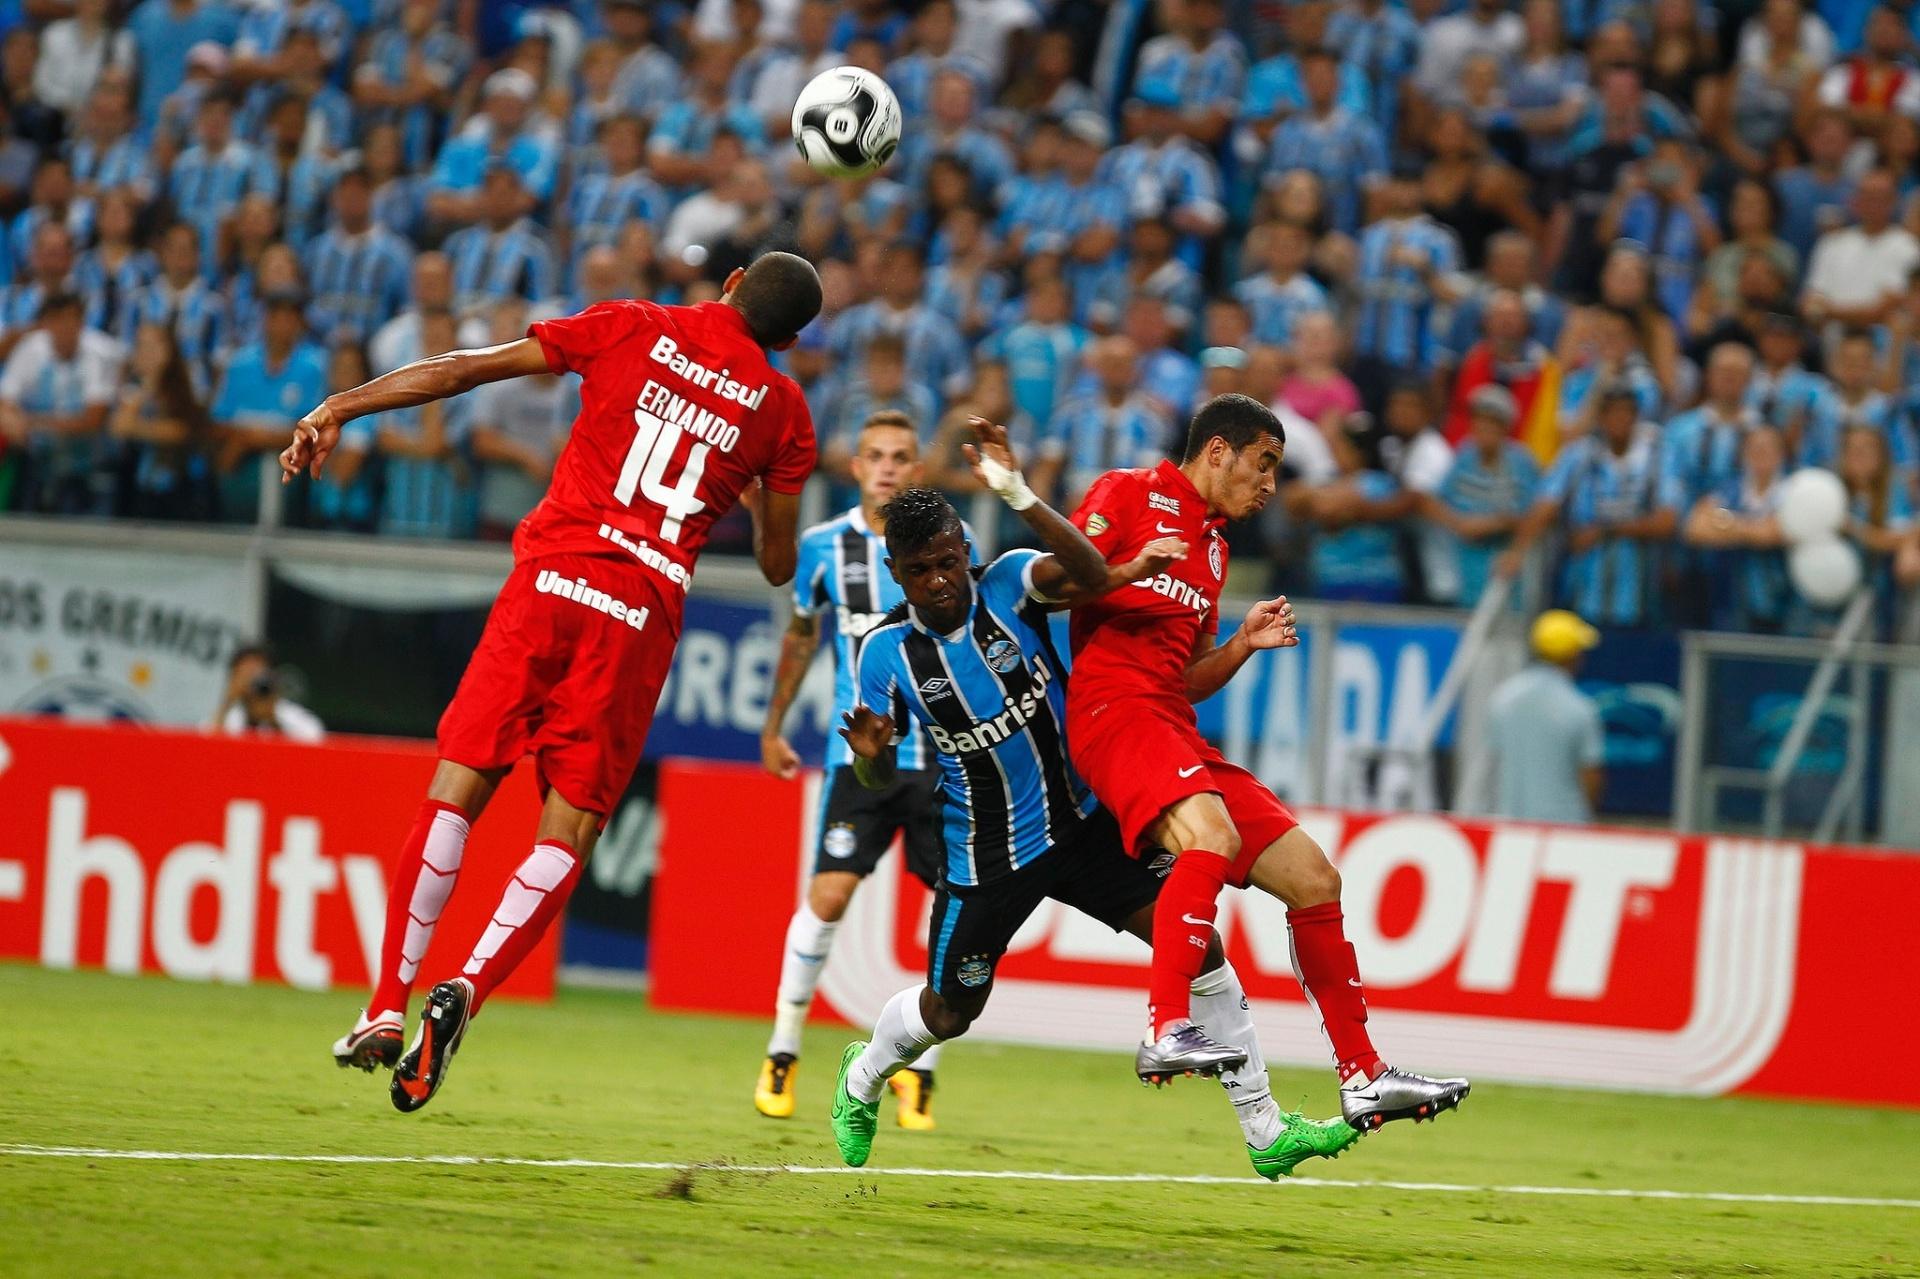 70ad79aec8 Lateral do Inter pode perder Gauchão ou até 180 dias por agressão a Bolaños  - 07 03 2016 - UOL Esporte